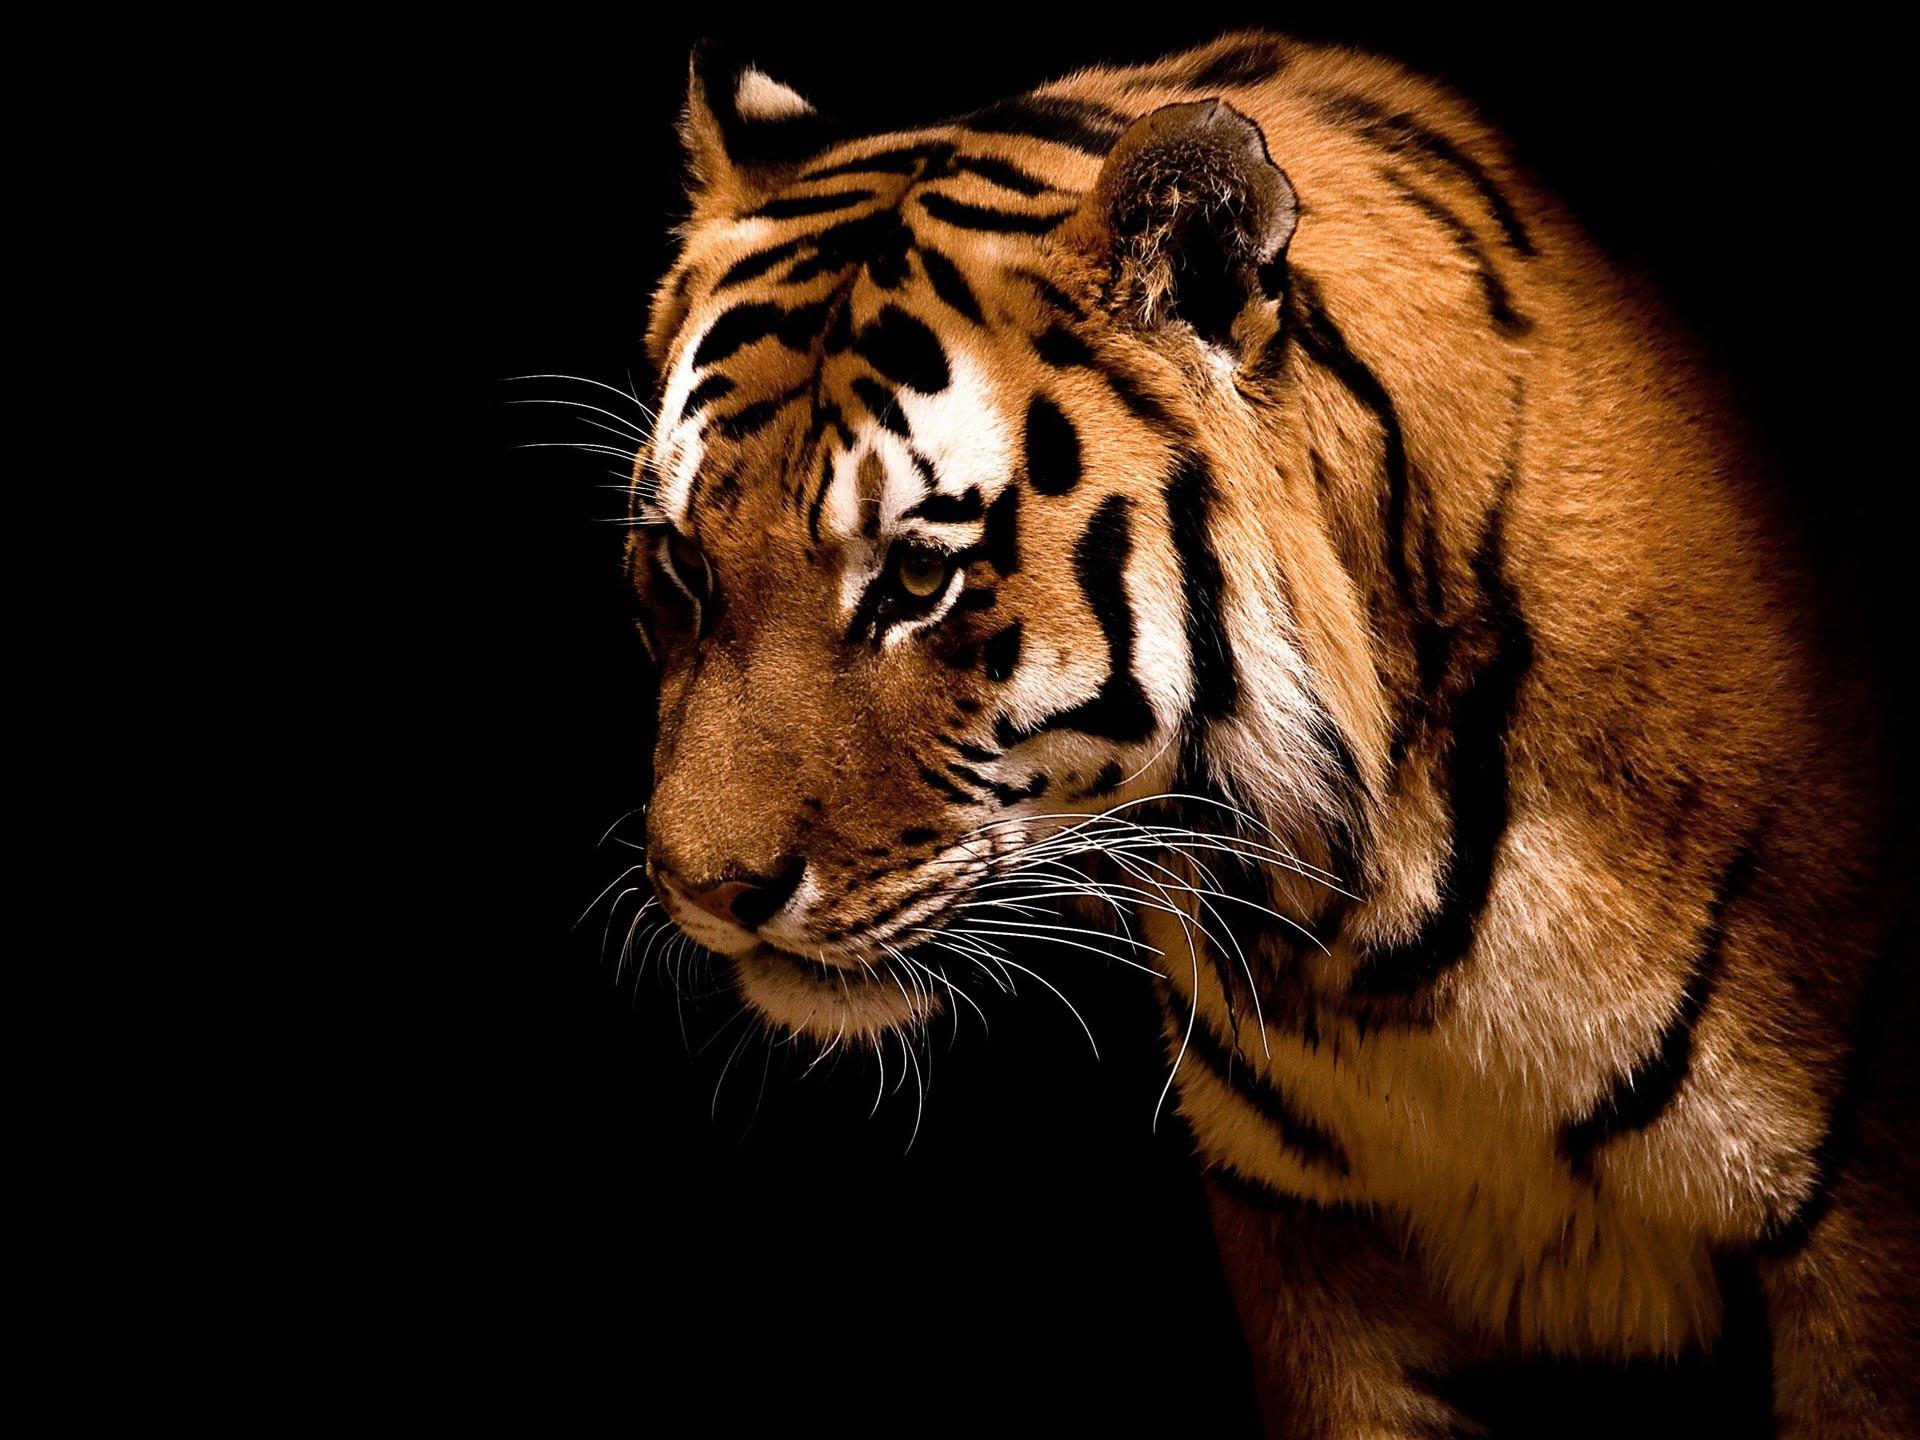 Tiger Big cat hd Wallpaper   High Quality Wallpapers,Wallpaper Desktop .